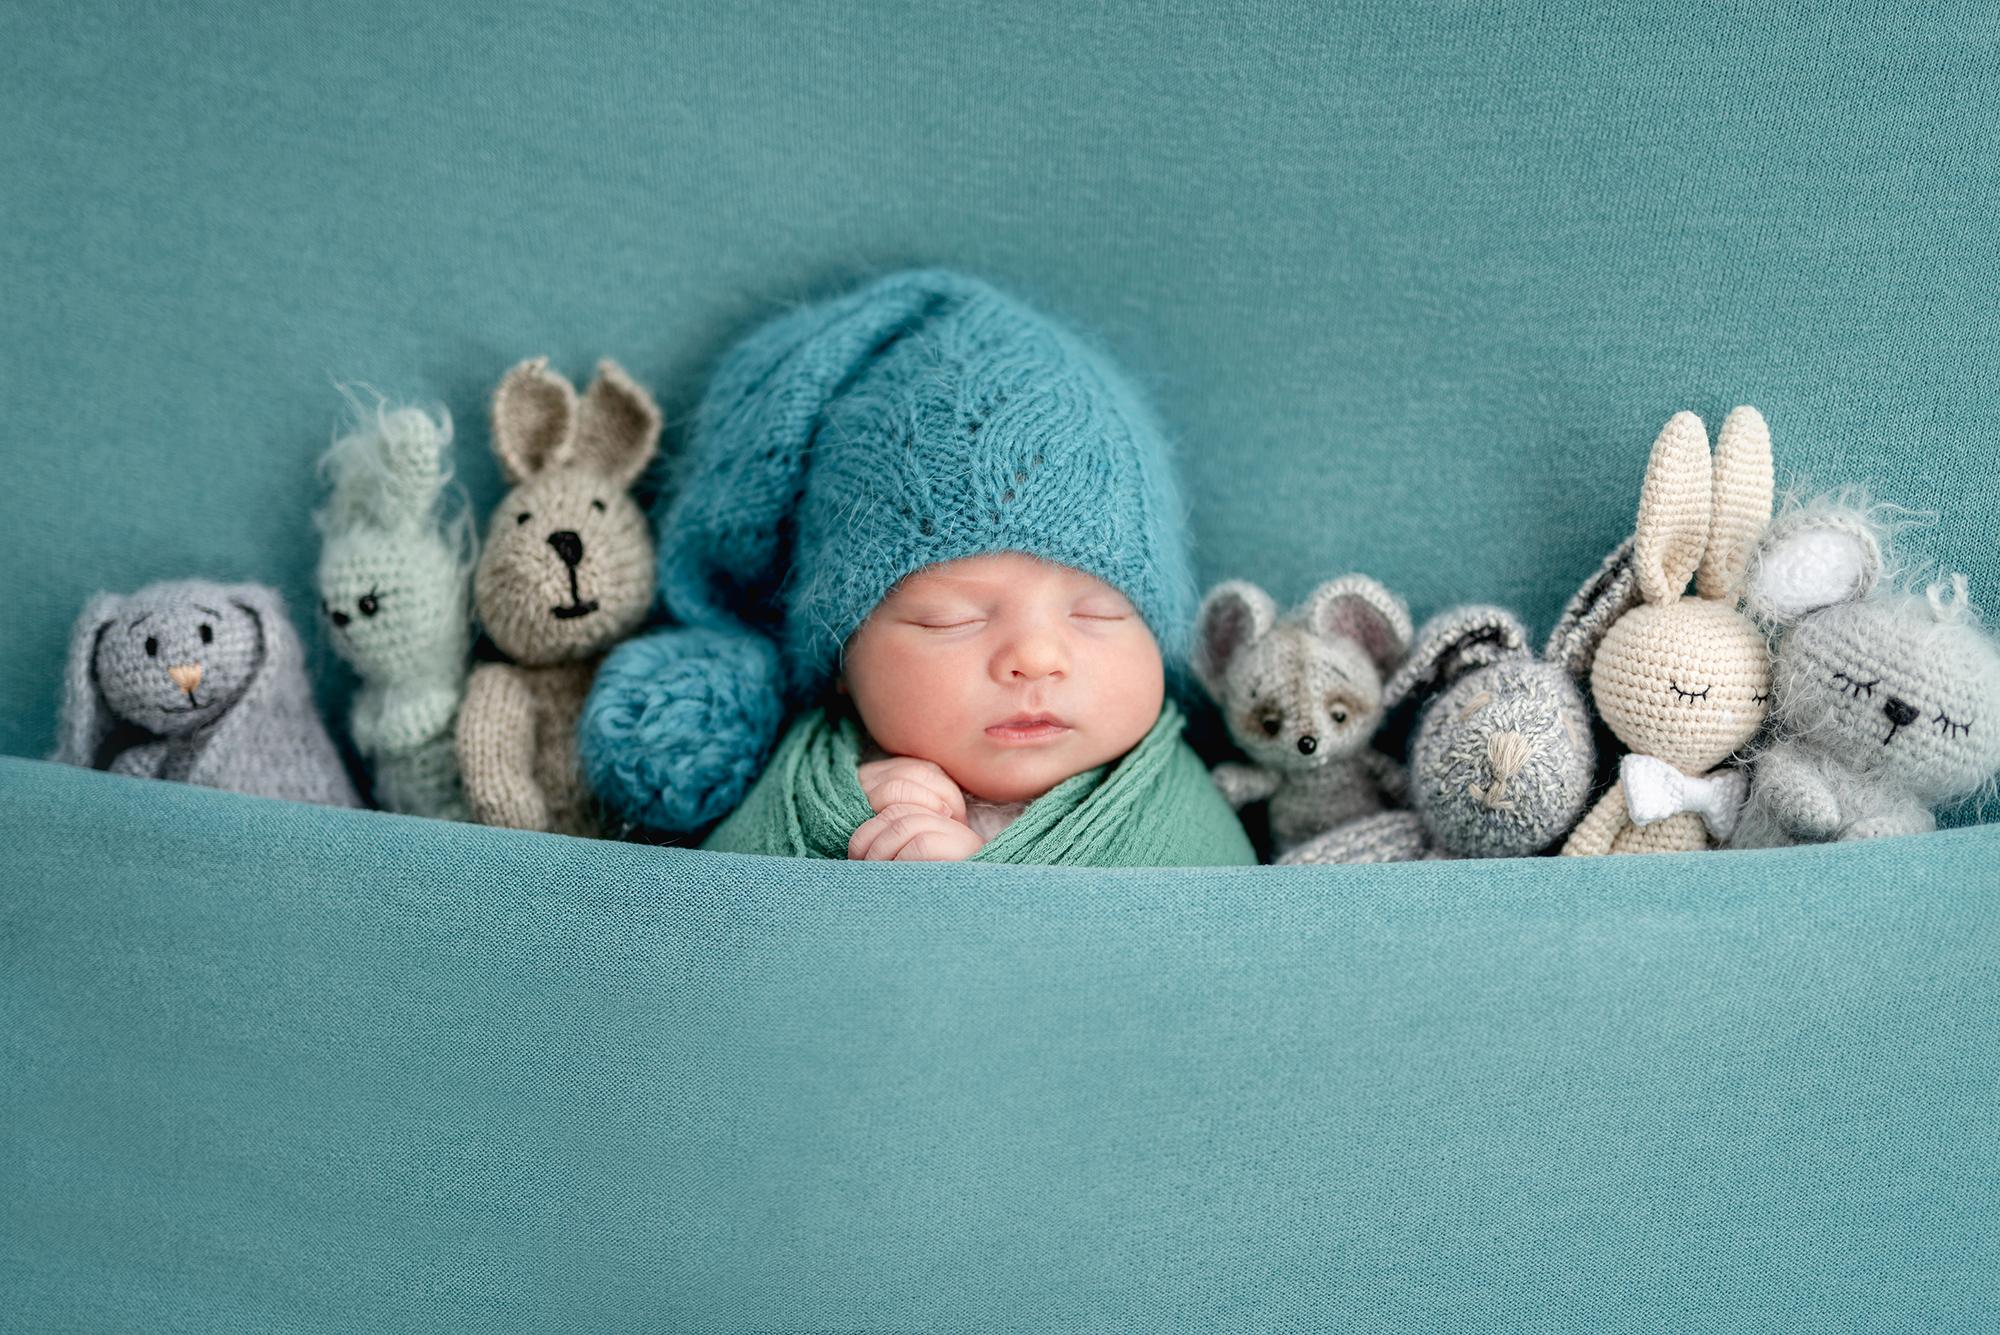 Czwarty trymestr – trzy pierwsze miesiące życia niemowlaka